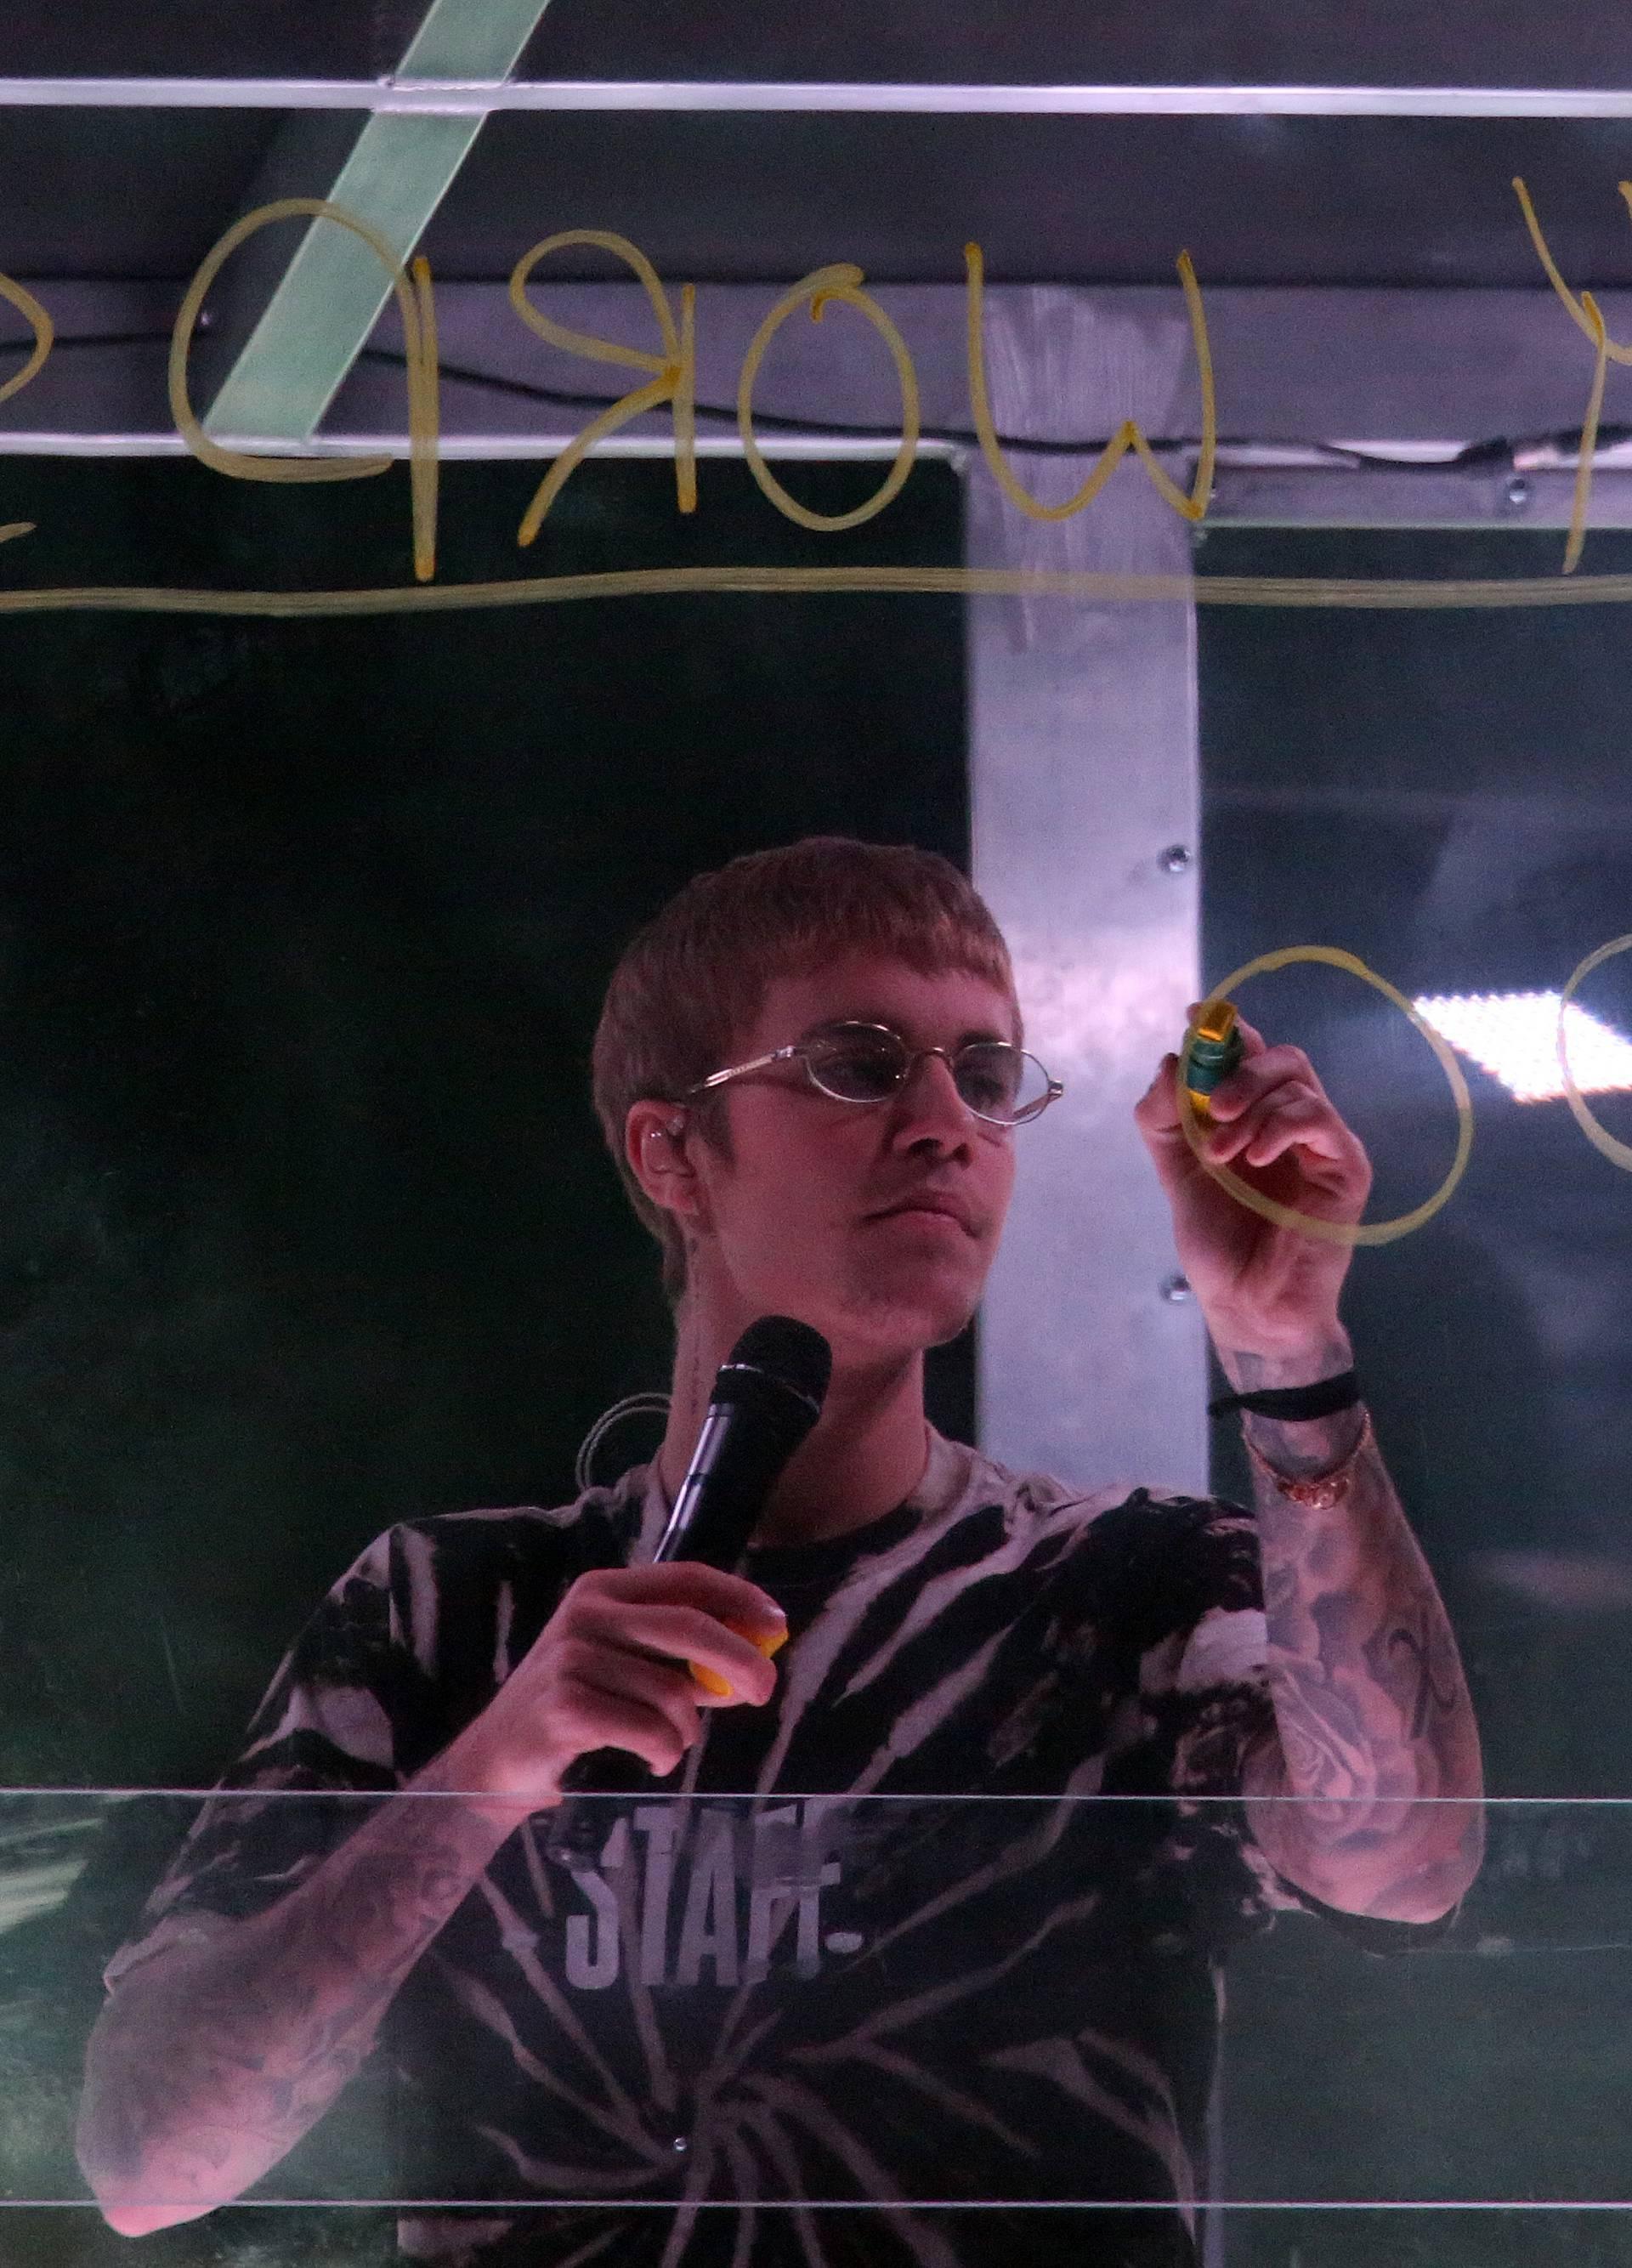 Oduševljen 'dvoranom punom ljubavi', Bieber je pustio suzu